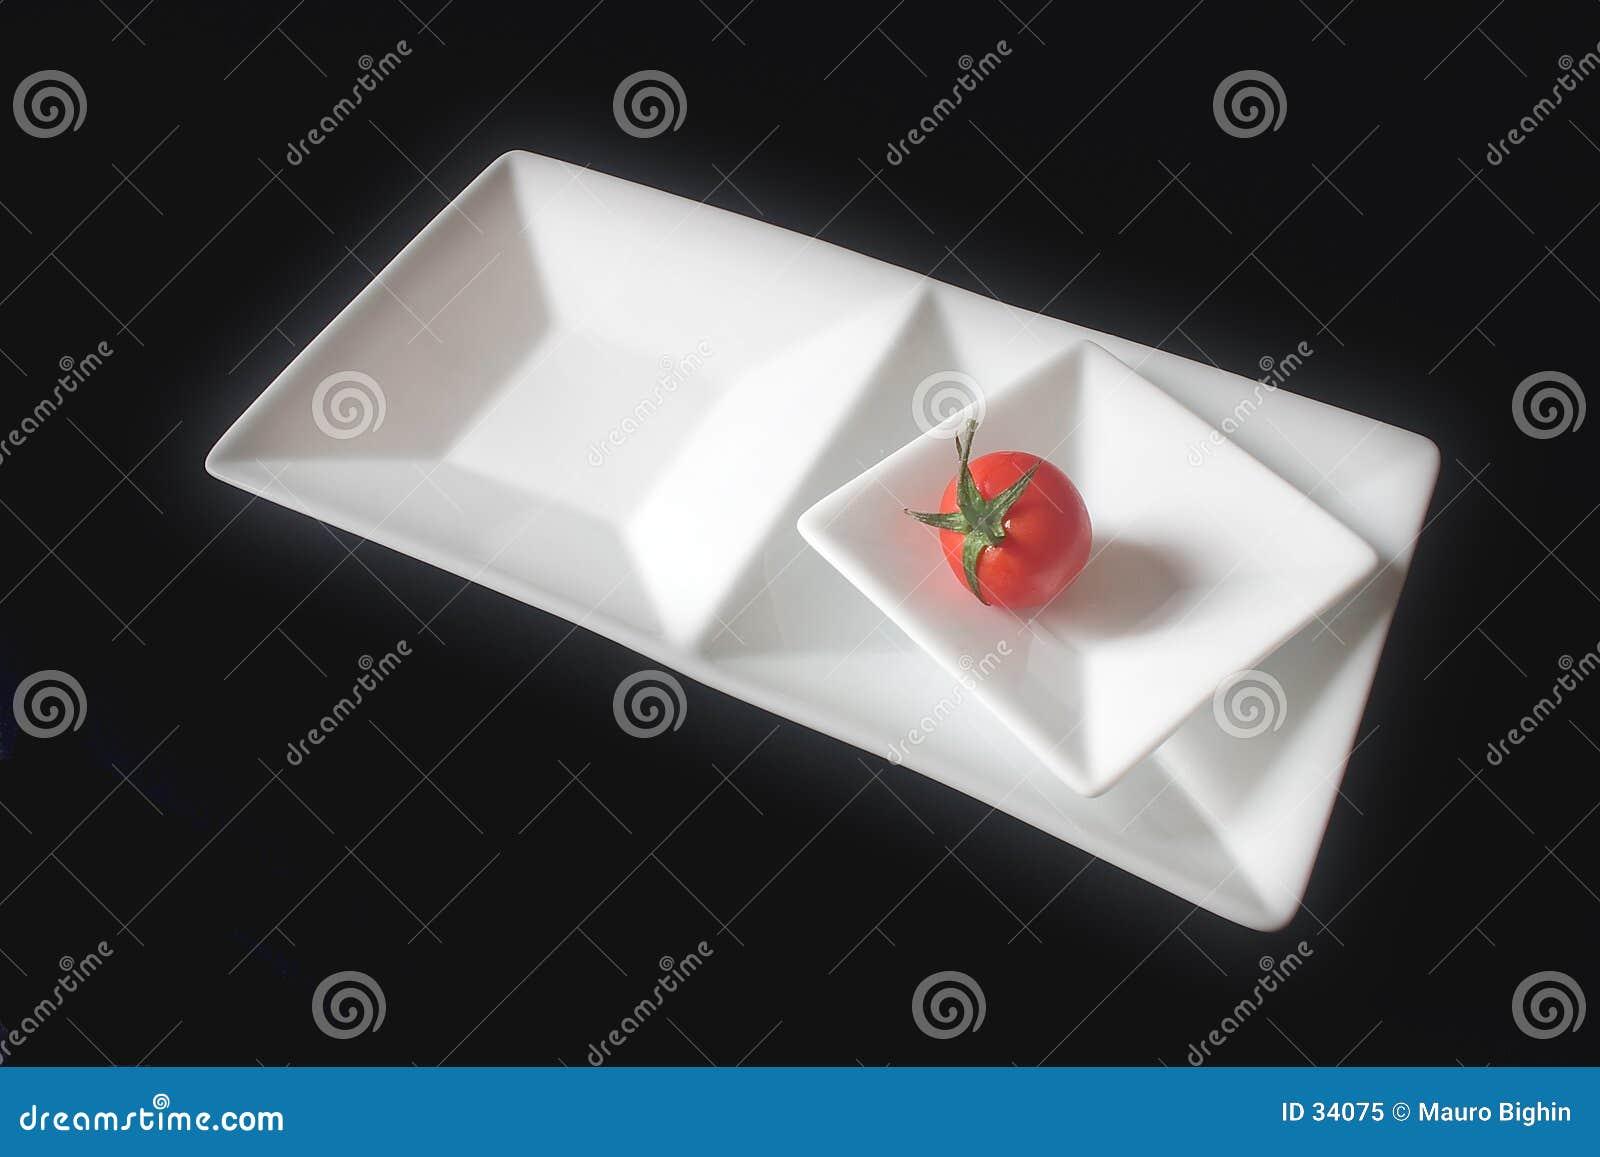 тарелки определяют приданный квадратную форму томат